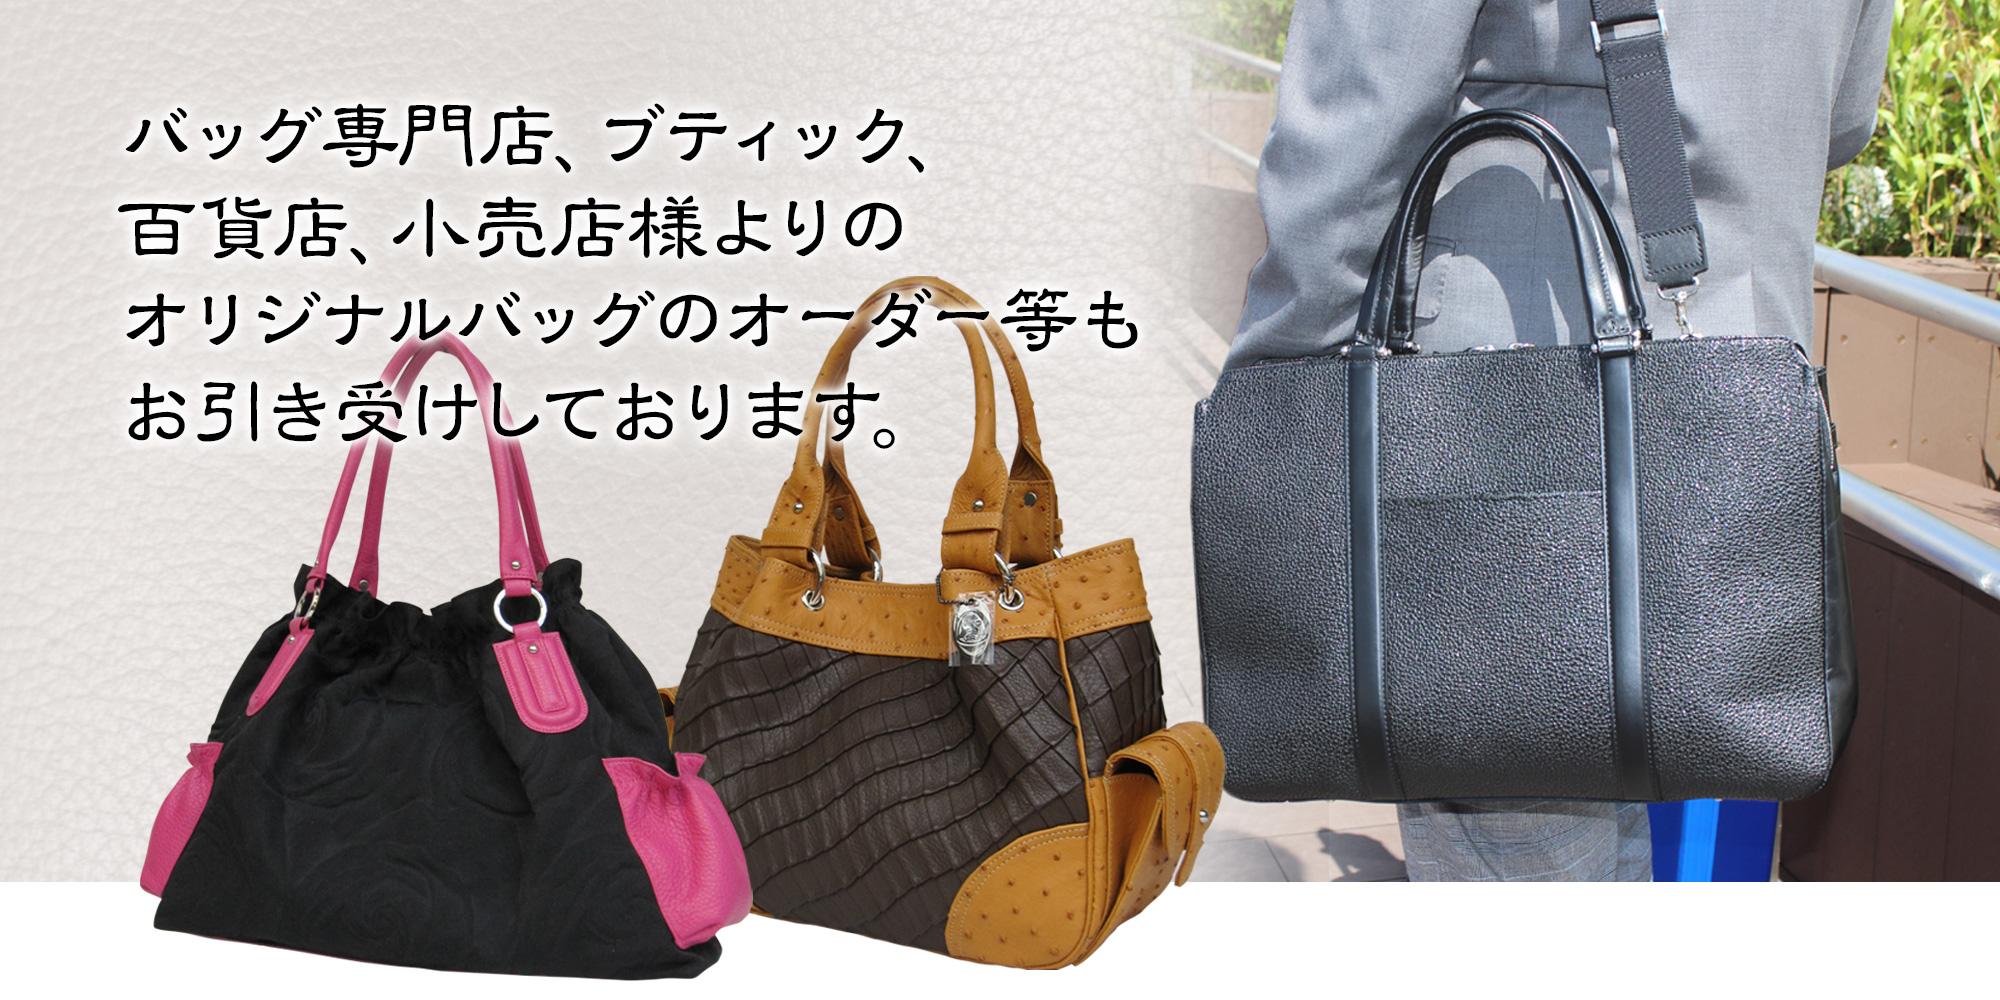 バッグ専門店、ブティック、百貨店、小売店様よりのオリジナルバッグのオーダー等もお引き受けしております。